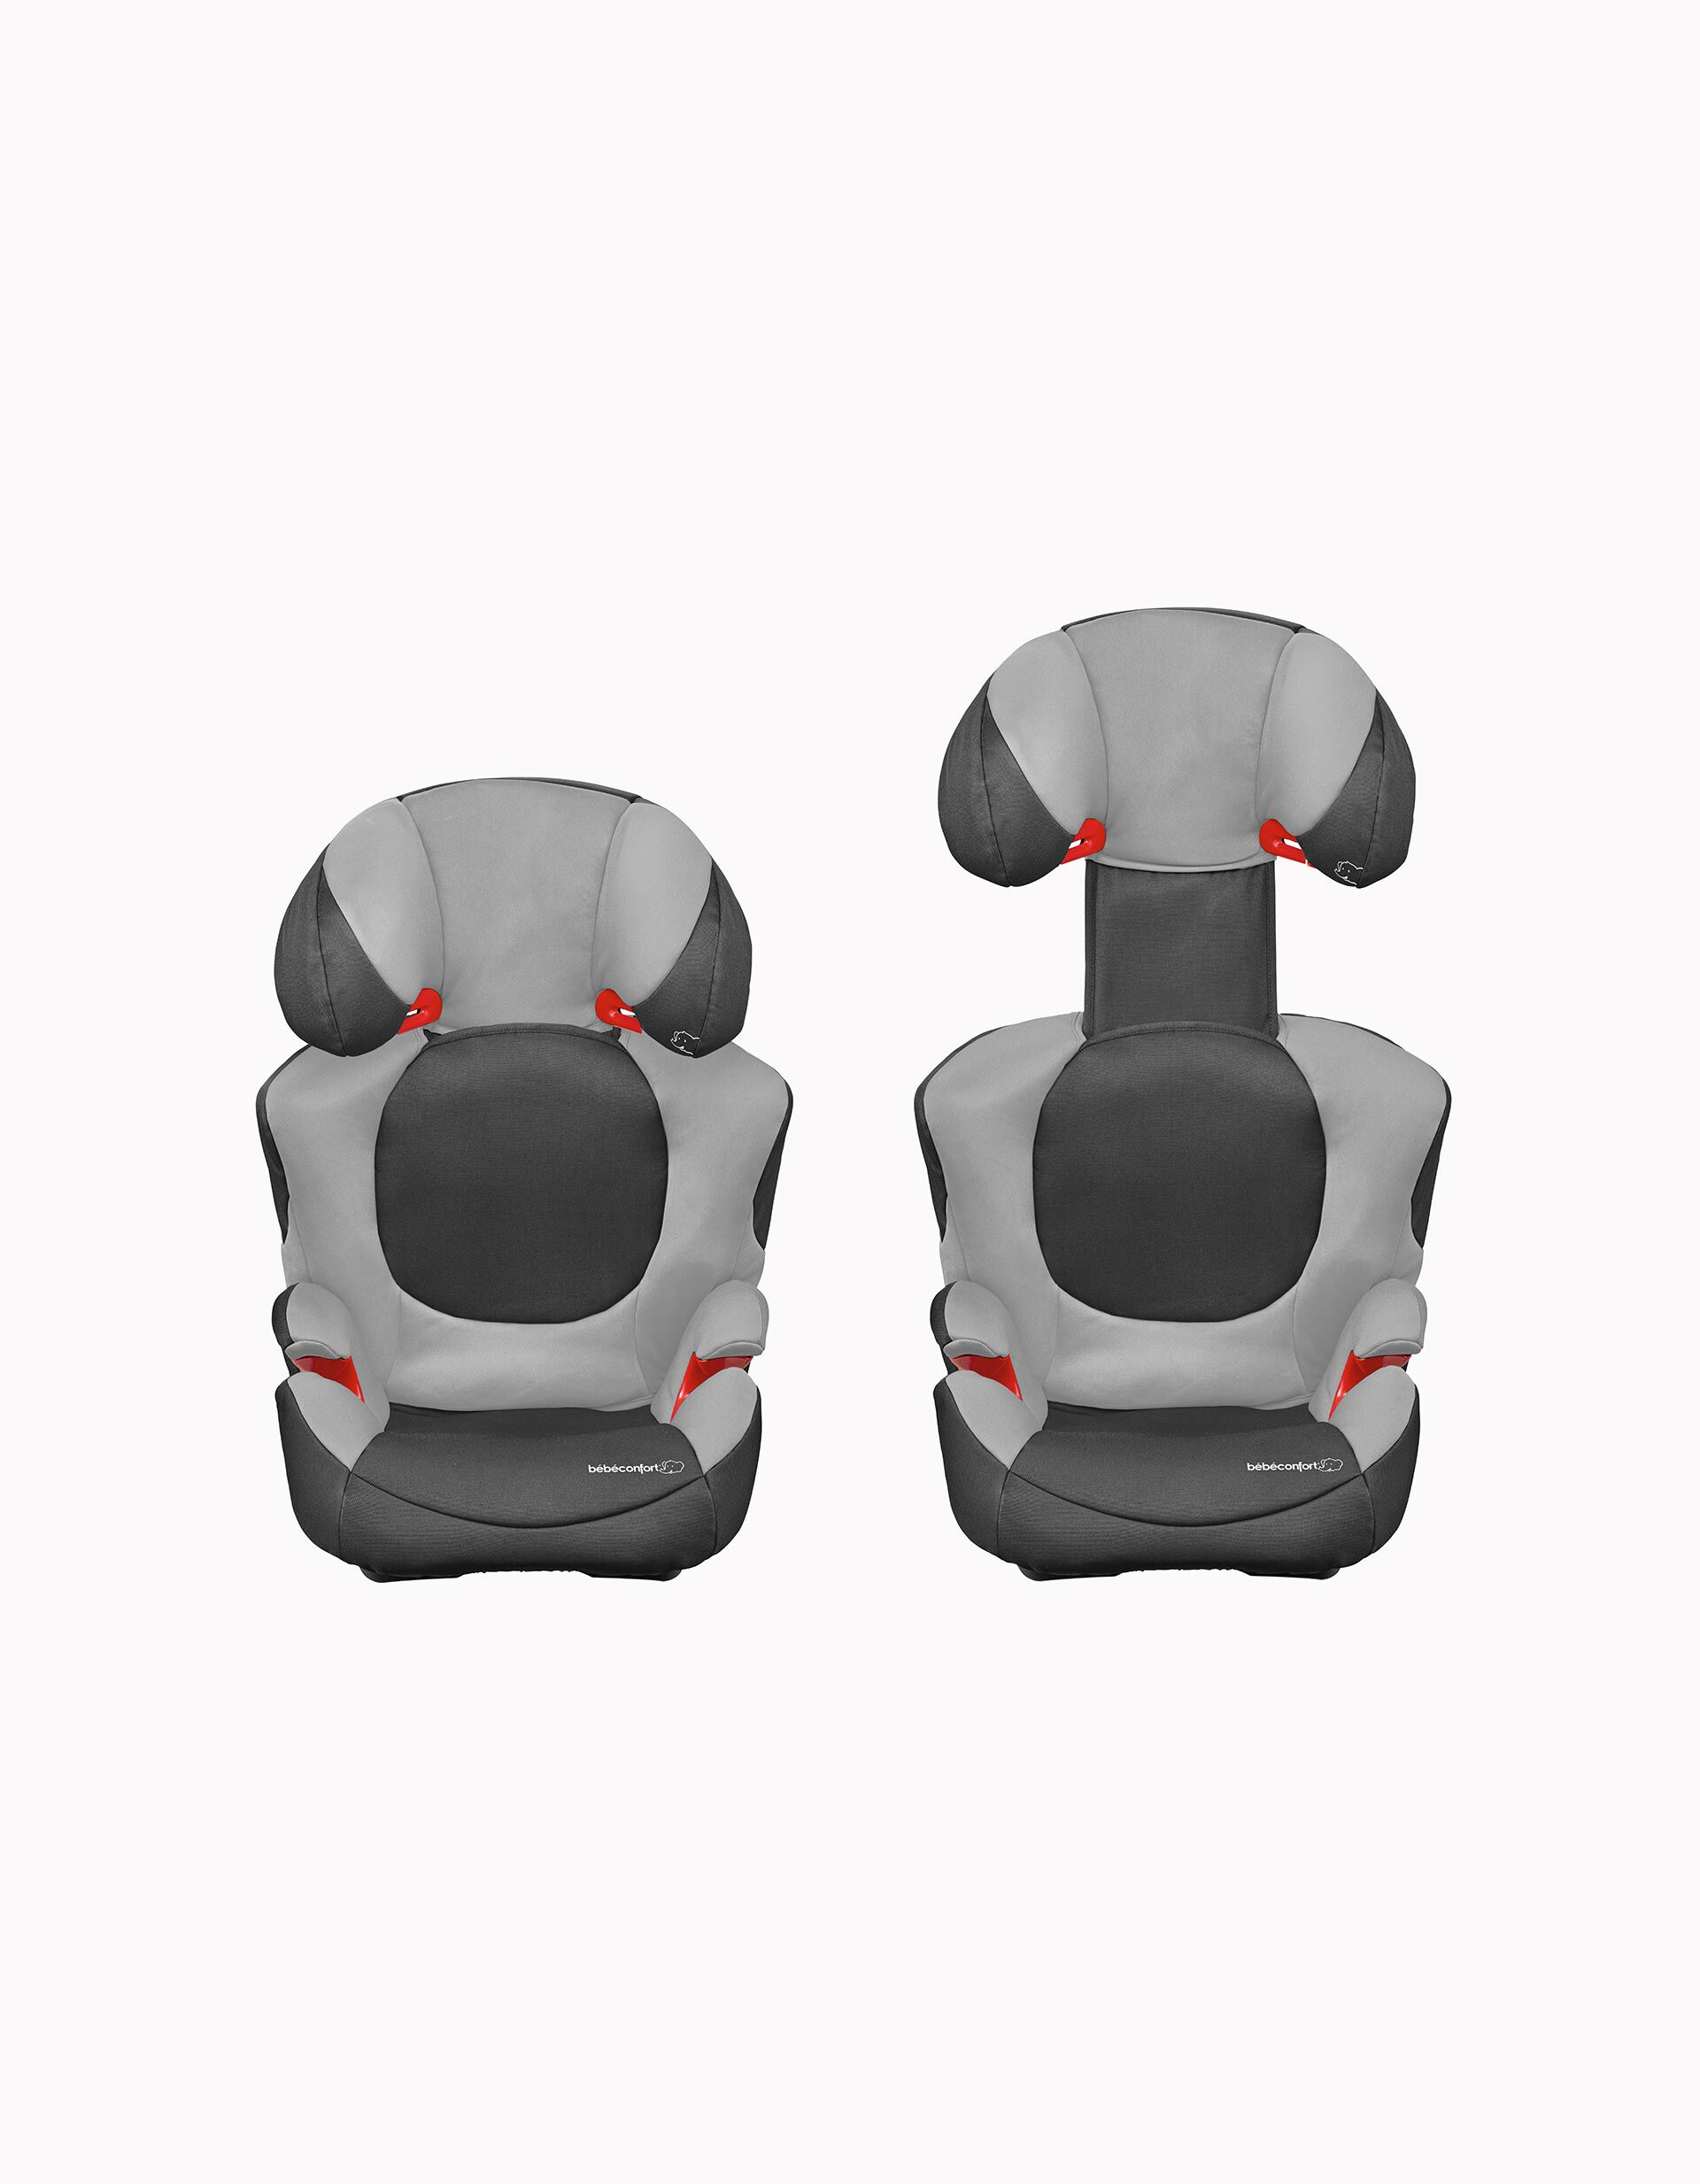 Bébé Auto Fix Xp Silla 23 Gr Rodi Confort KTF1lJc3